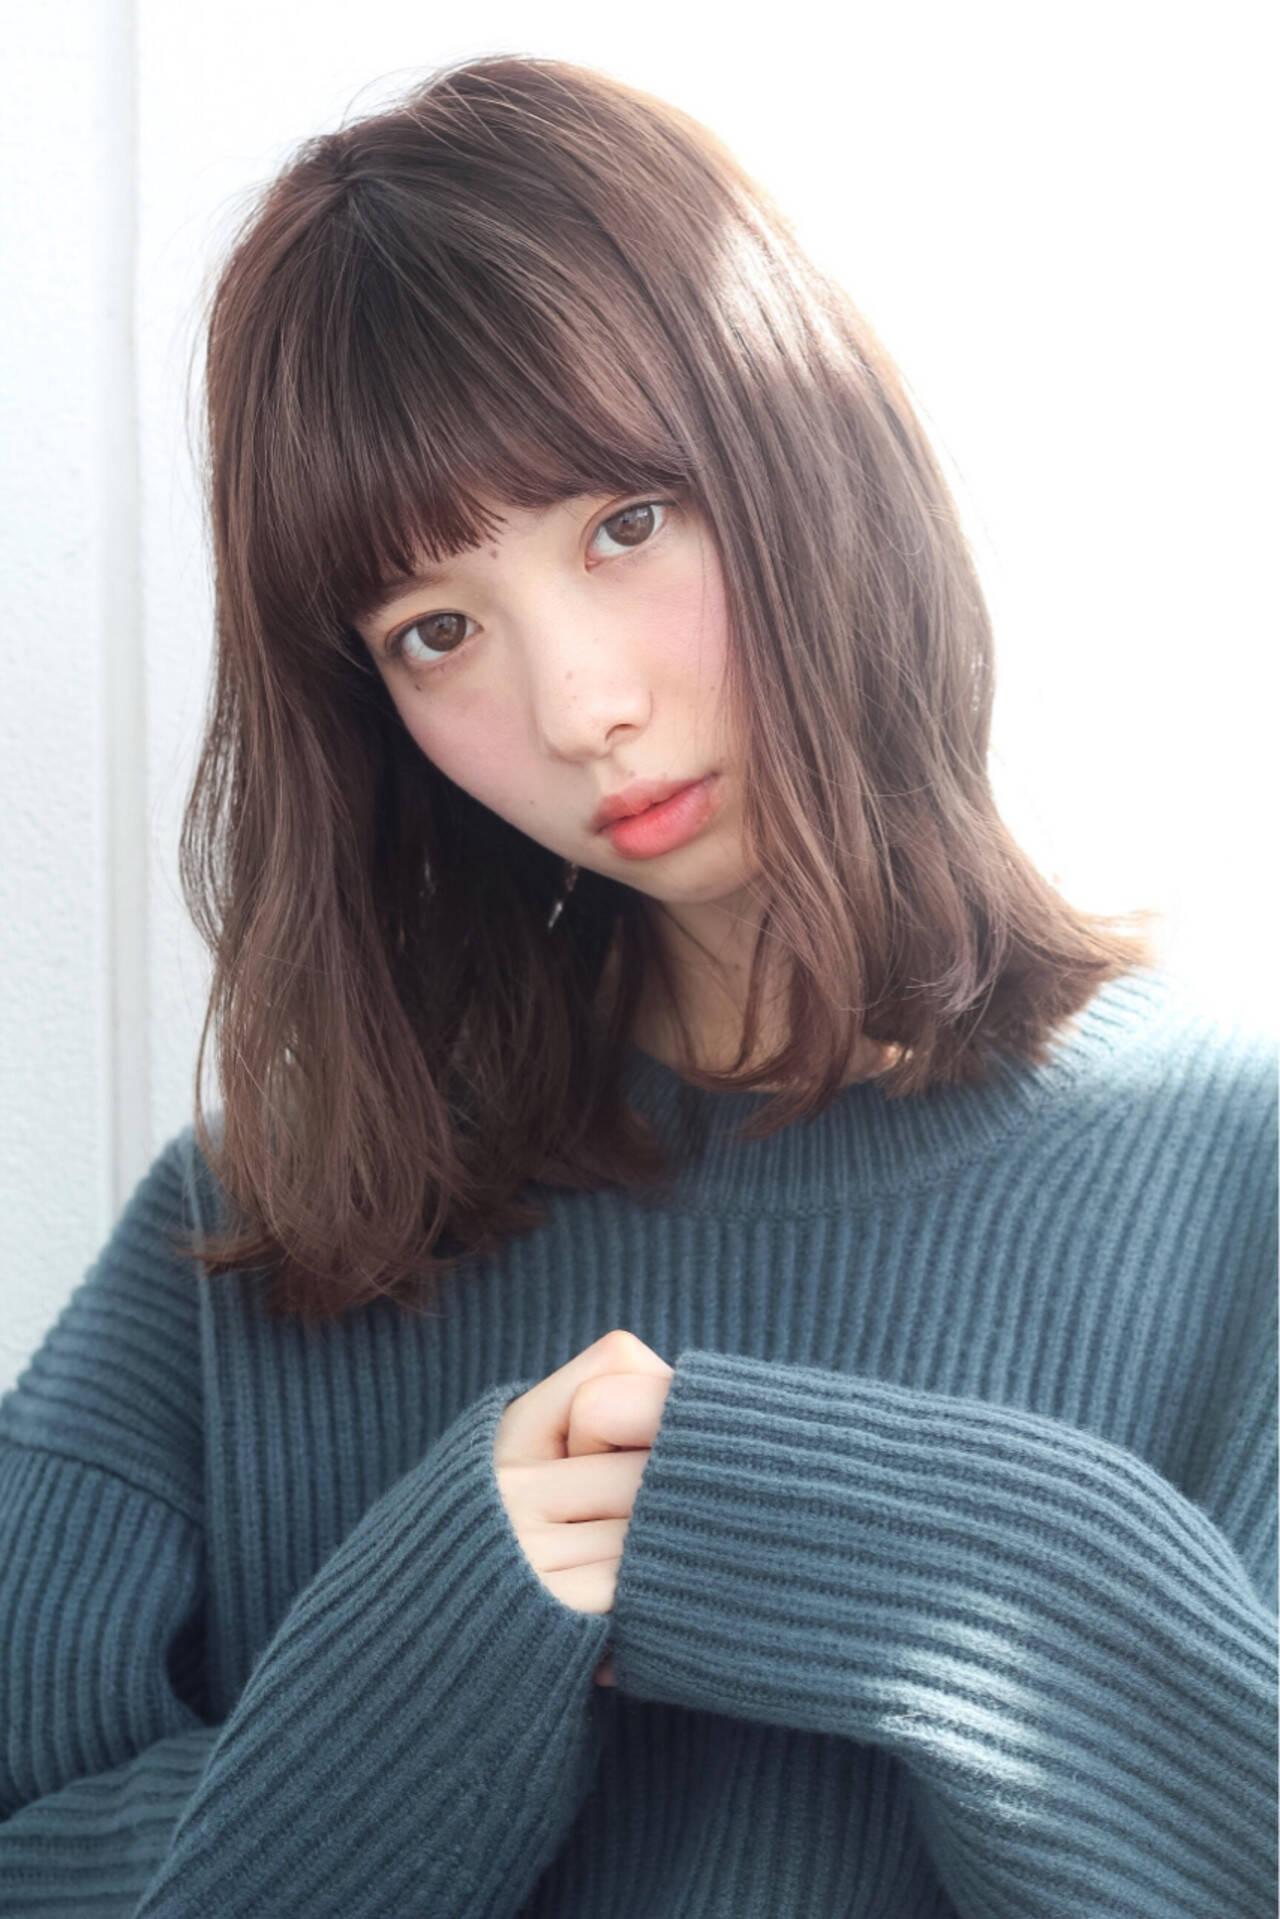 パーマ ミディアム ピュア ガーリーヘアスタイルや髪型の写真・画像